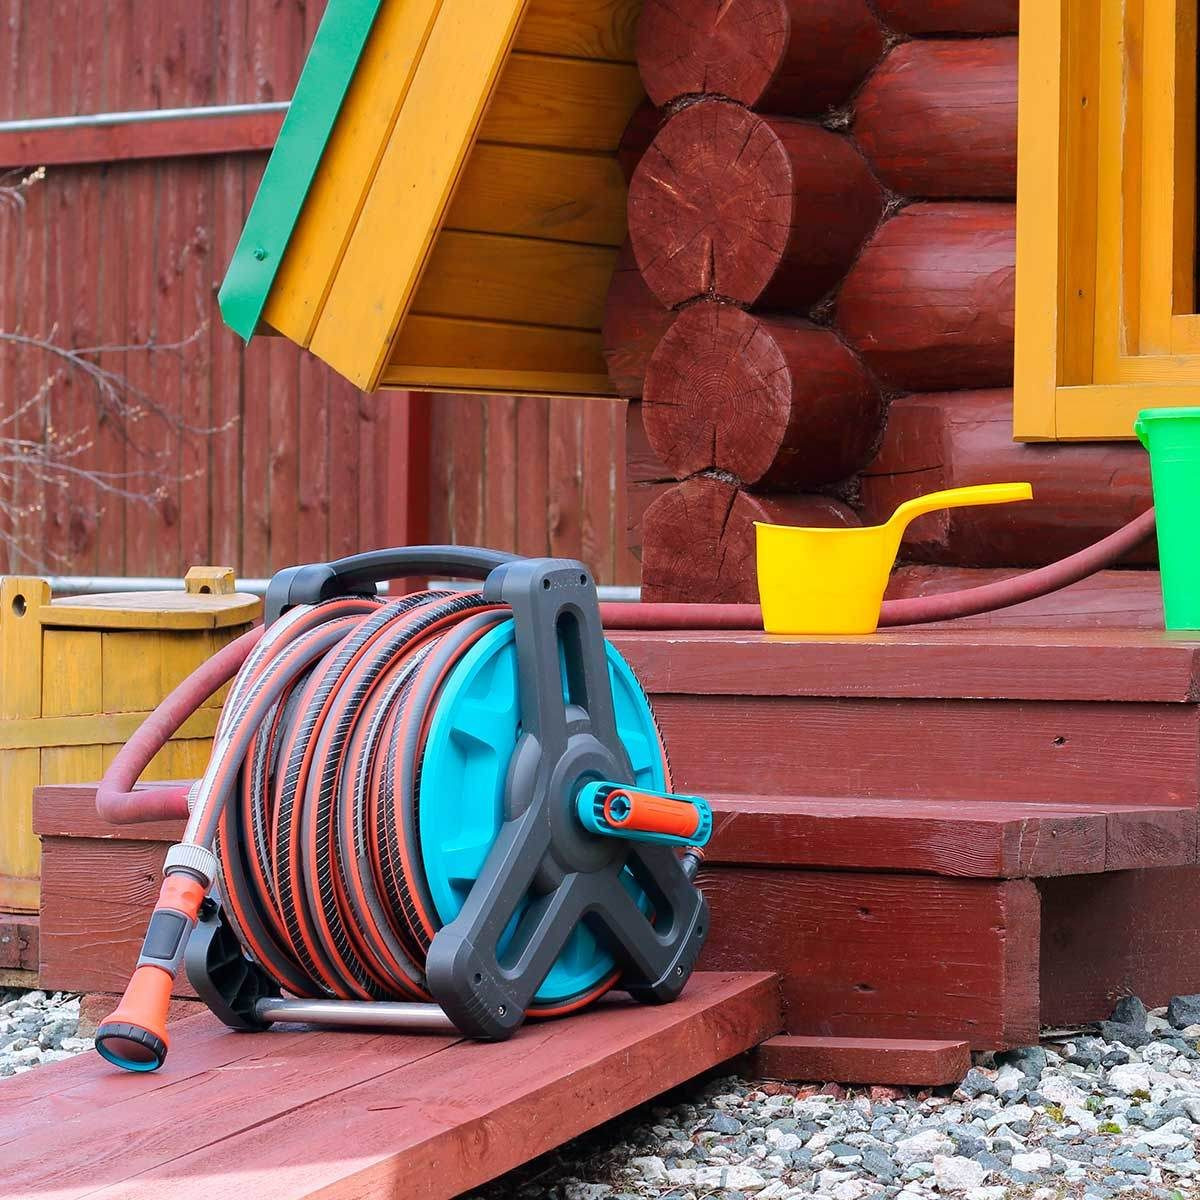 Disconnect garden hoses